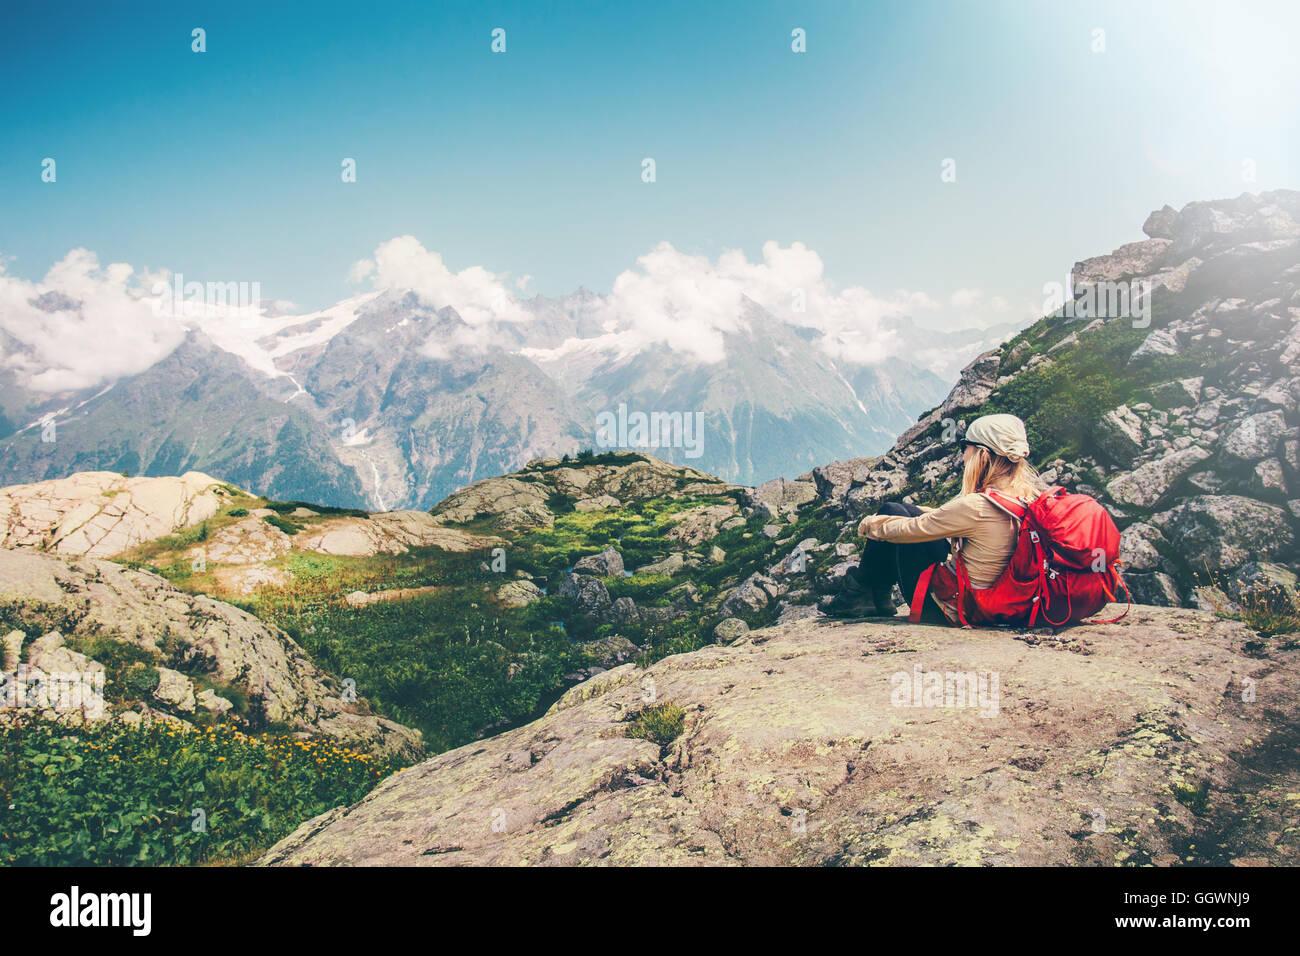 Woman Traveler avec sac à dos de détente avec vue sur la montagne de la sérénité de vie Photo Stock